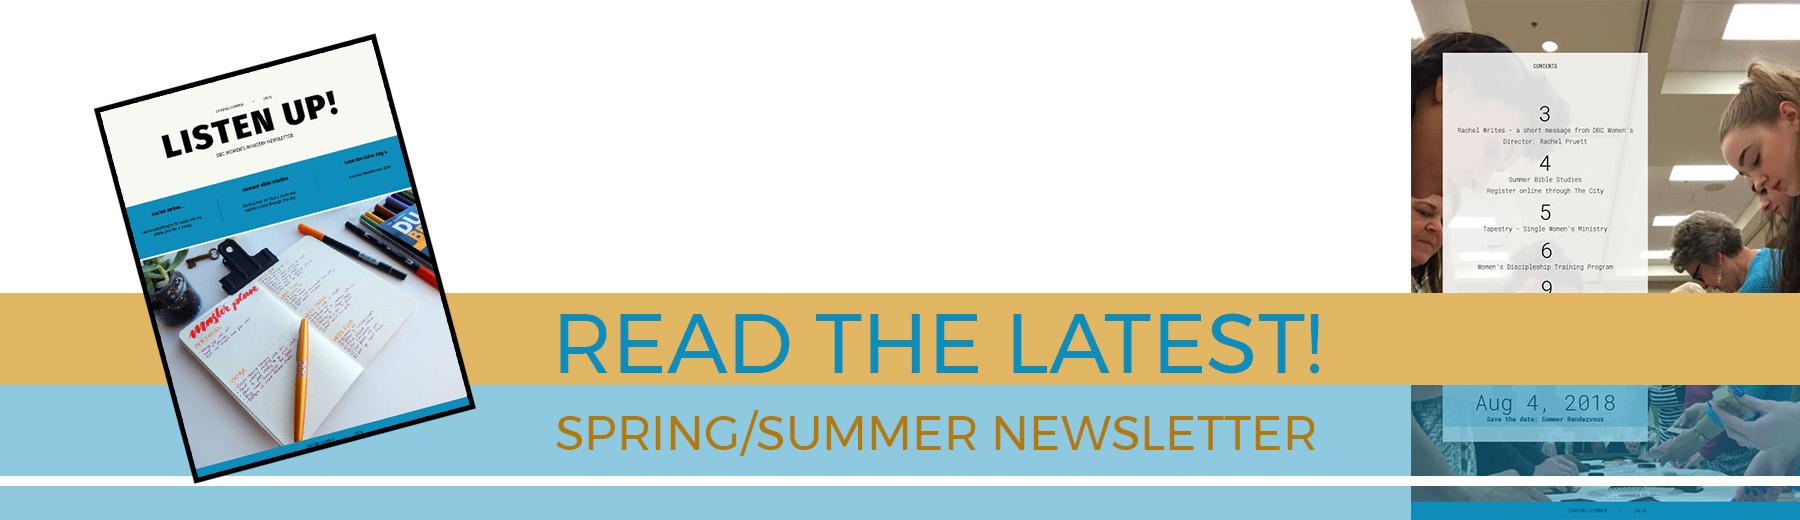 spring_summerNewsletter